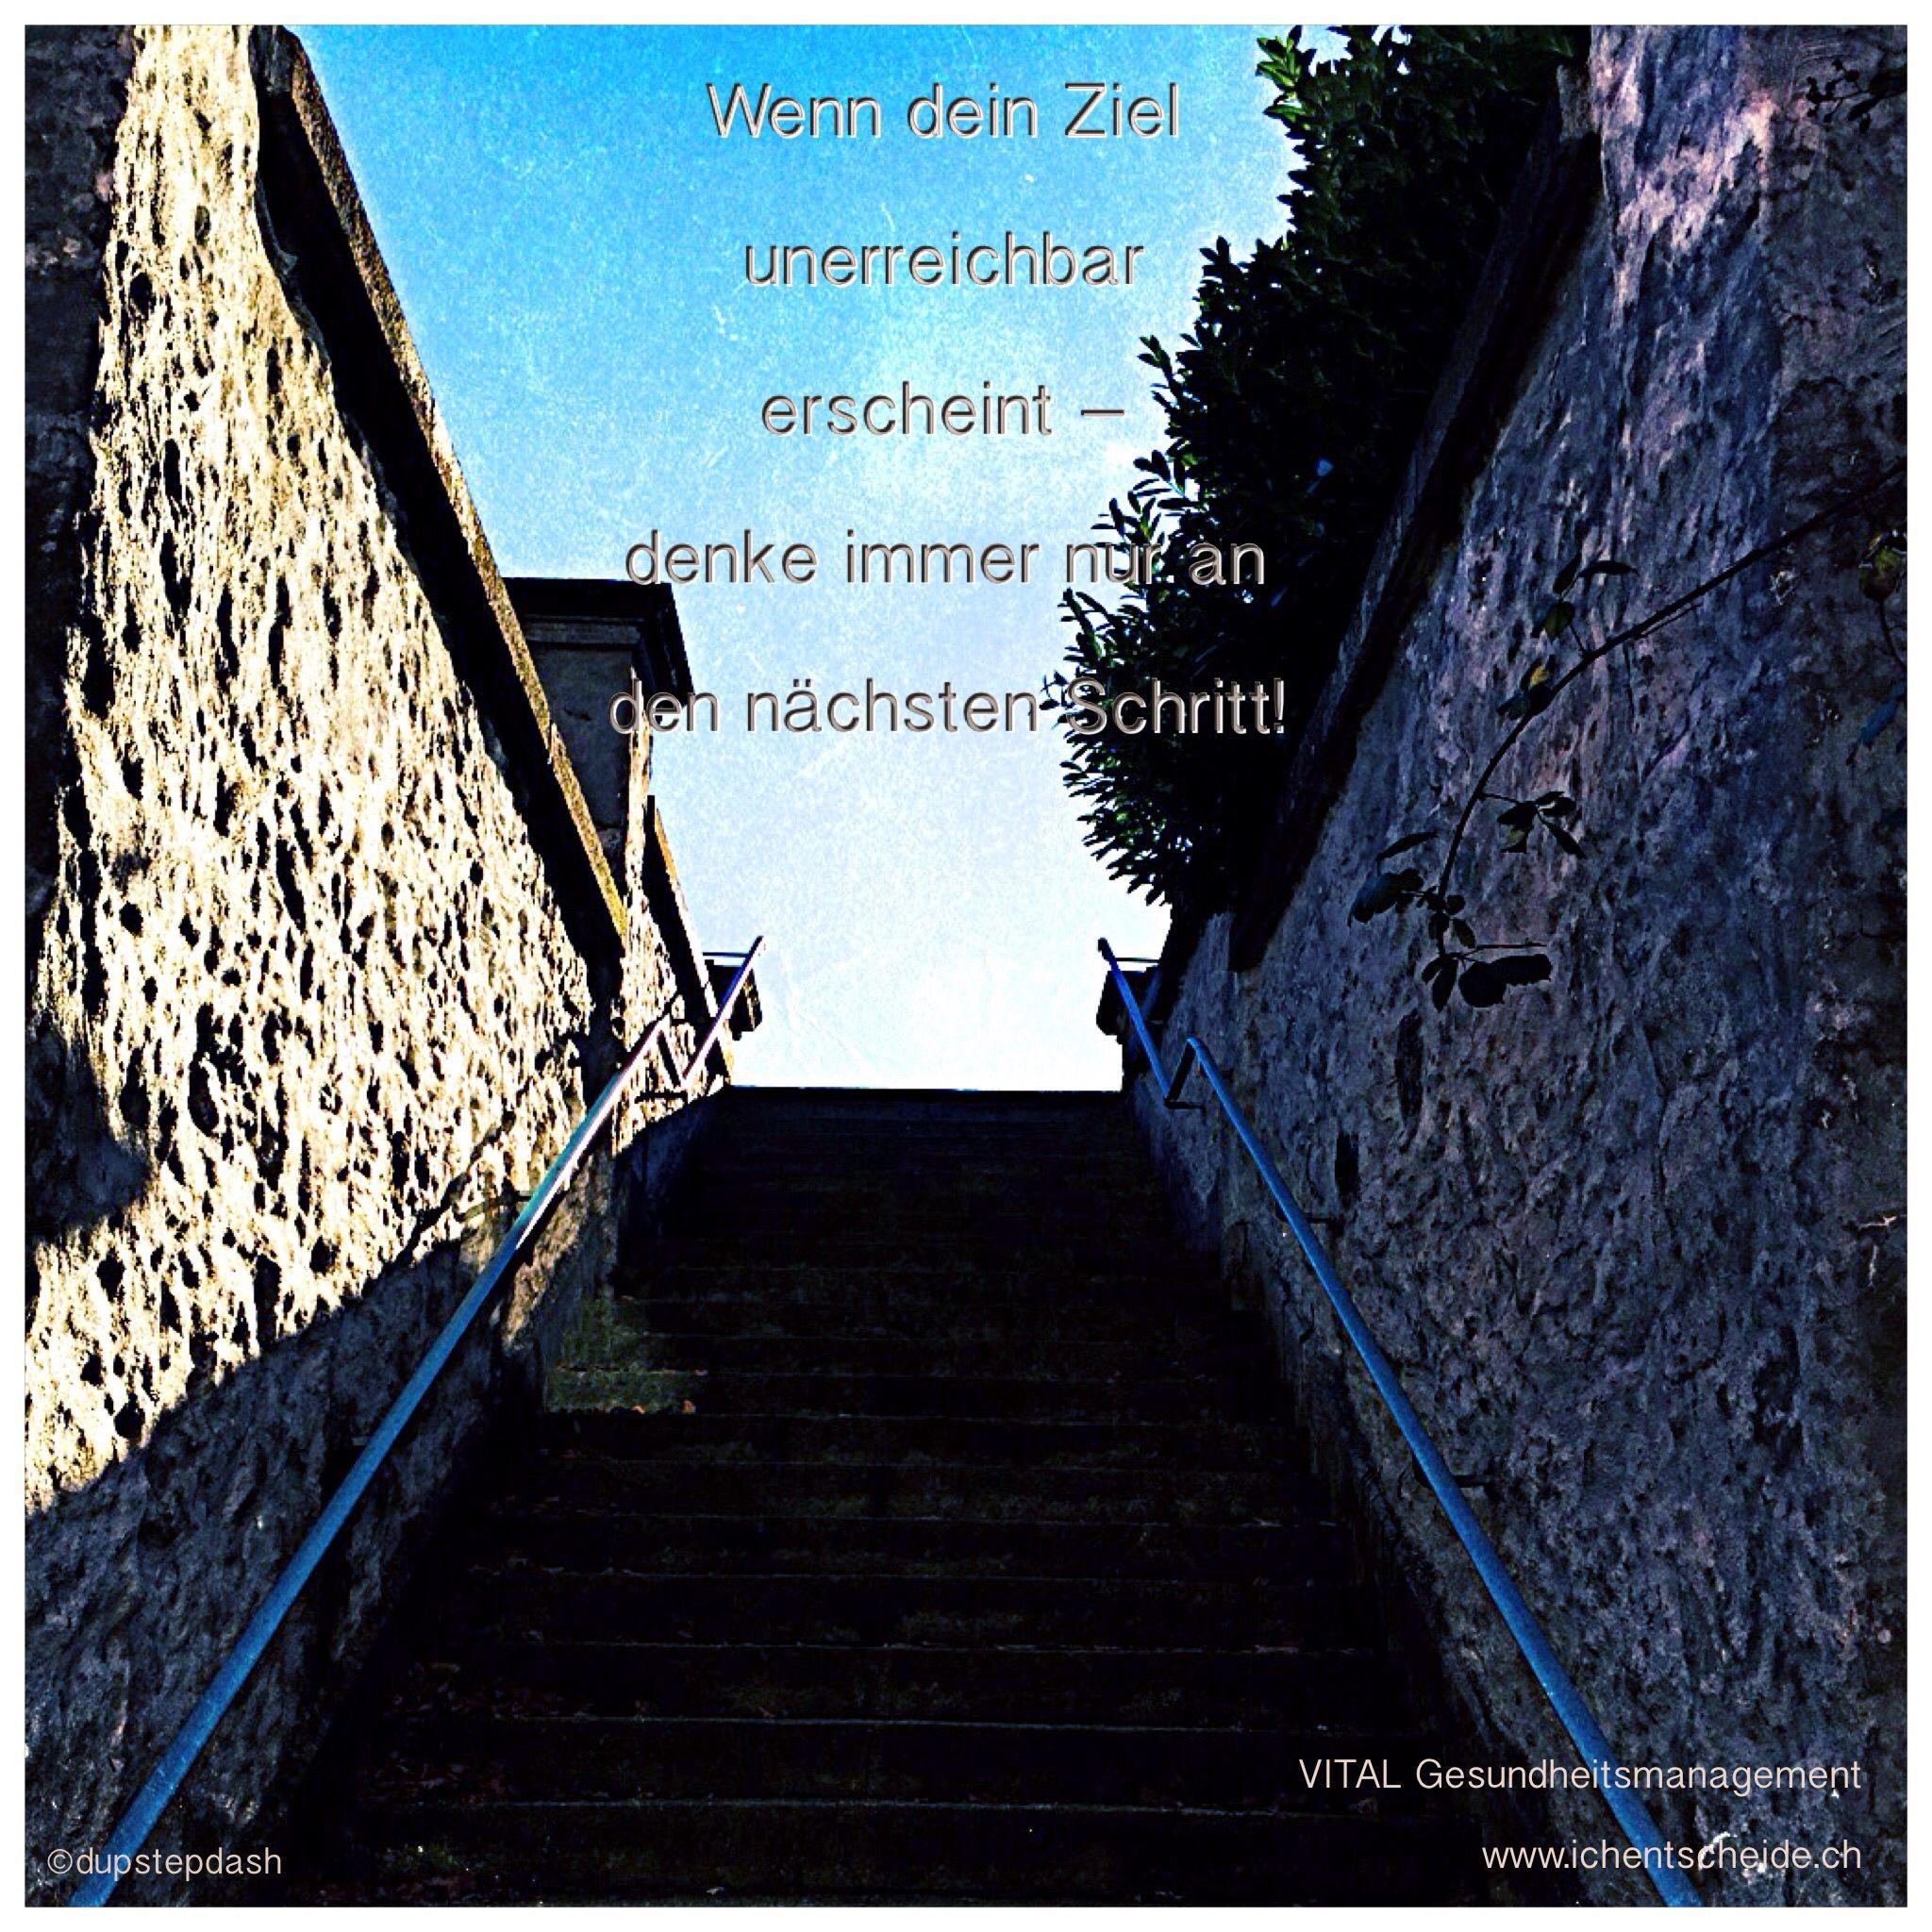 Ein steiler Weg vor dir?  Manchmal erscheint uns ein Vorhaben, ein Ziel - oder überhaupt das ganze Leben wie es gerade ist - voller Hindernisse und kaum zu meistern. Denk nicht zu weit nach Vorn. Du weisst, wohin du willst: jetzt geht es nur darum die Kräfte zu bündeln und sich nicht unnötig zu beschweren. Setz einfach nur einen Fuss vor den andern. Denk immer nur an den nächsten Schritt. Du wirst es schaffen! www.ichentscheide.ch https://www.facebook.com/ichentscheide/?ref=bookmarks